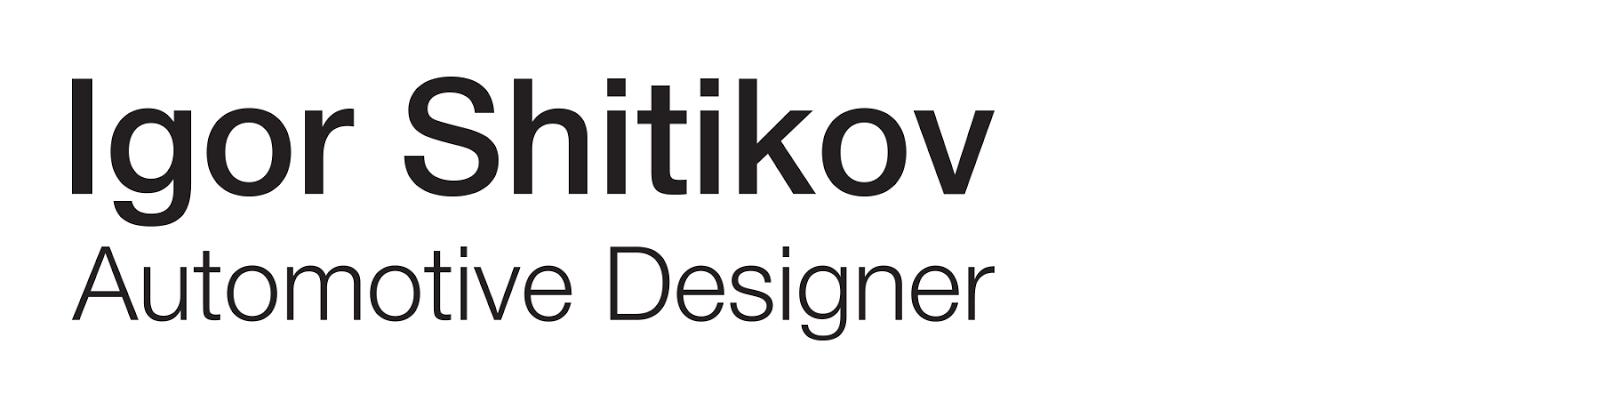 Igor Shitikov